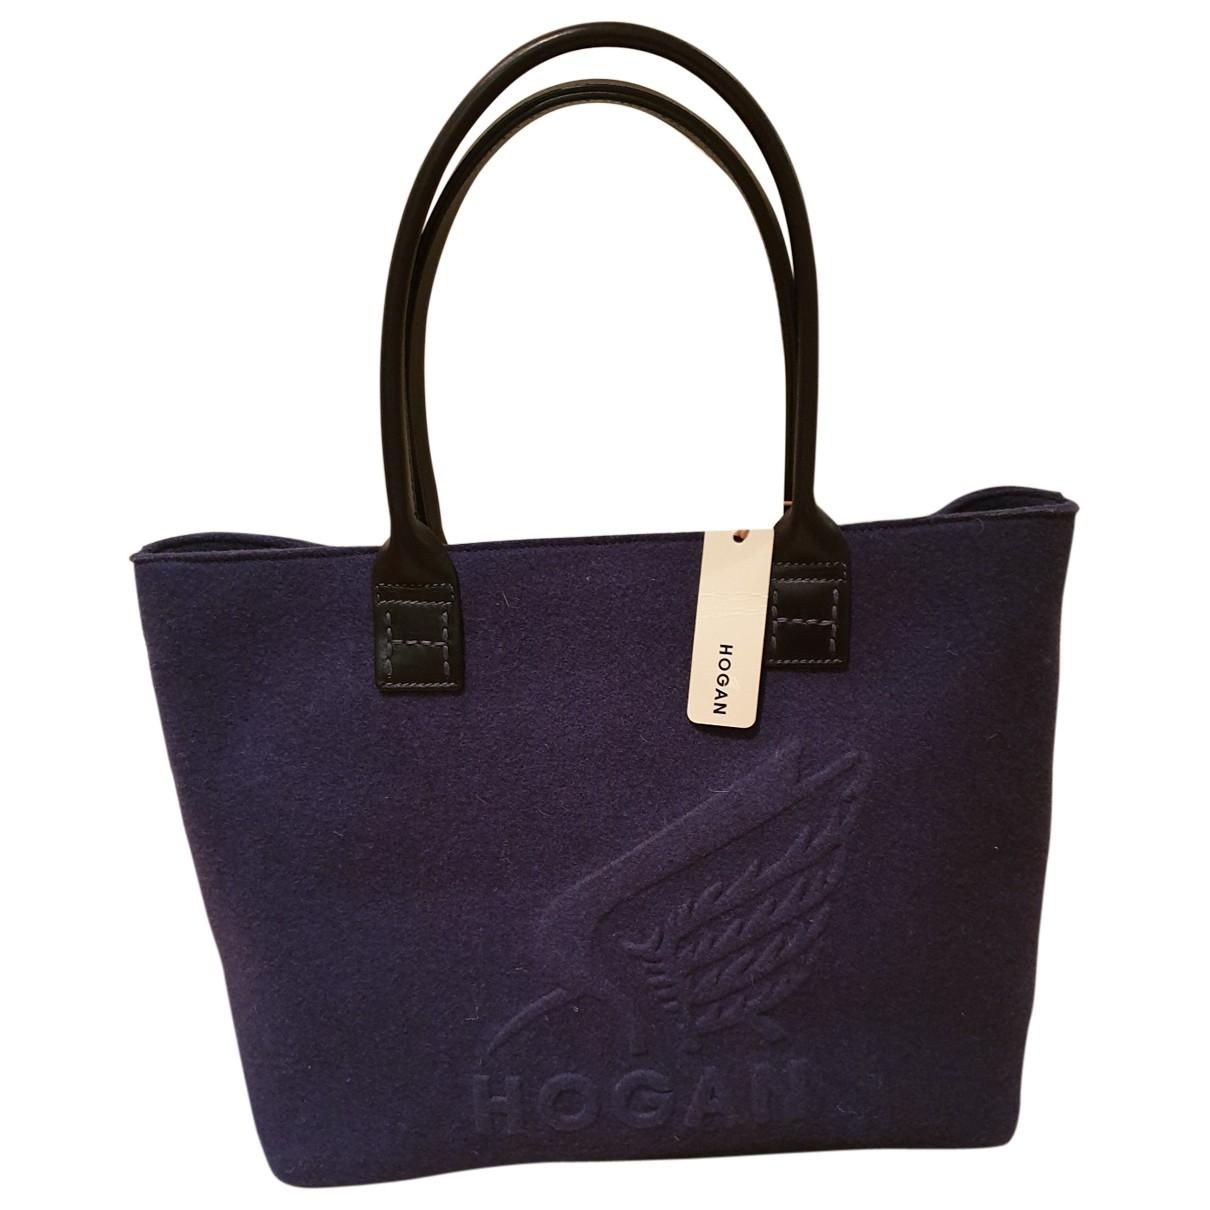 Hogan \N Handtasche in  Blau Wolle